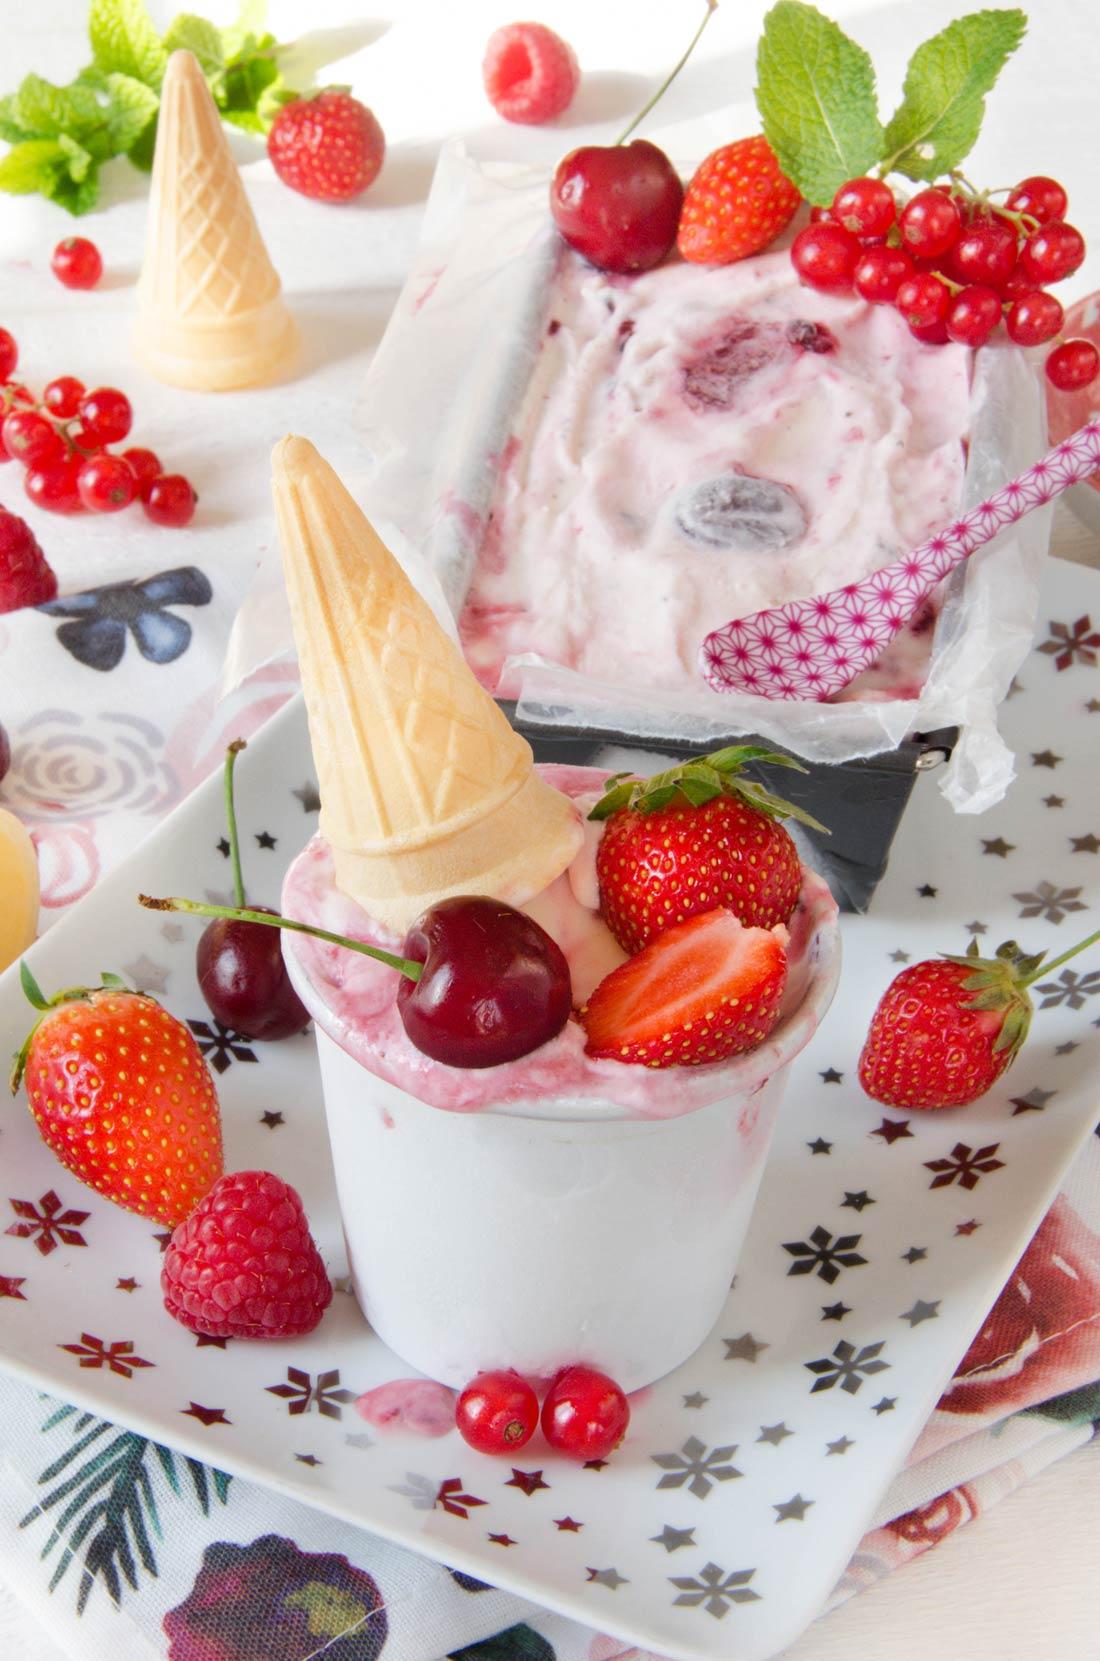 Découvrez cette recette de glace marbrée aux fruits rouges